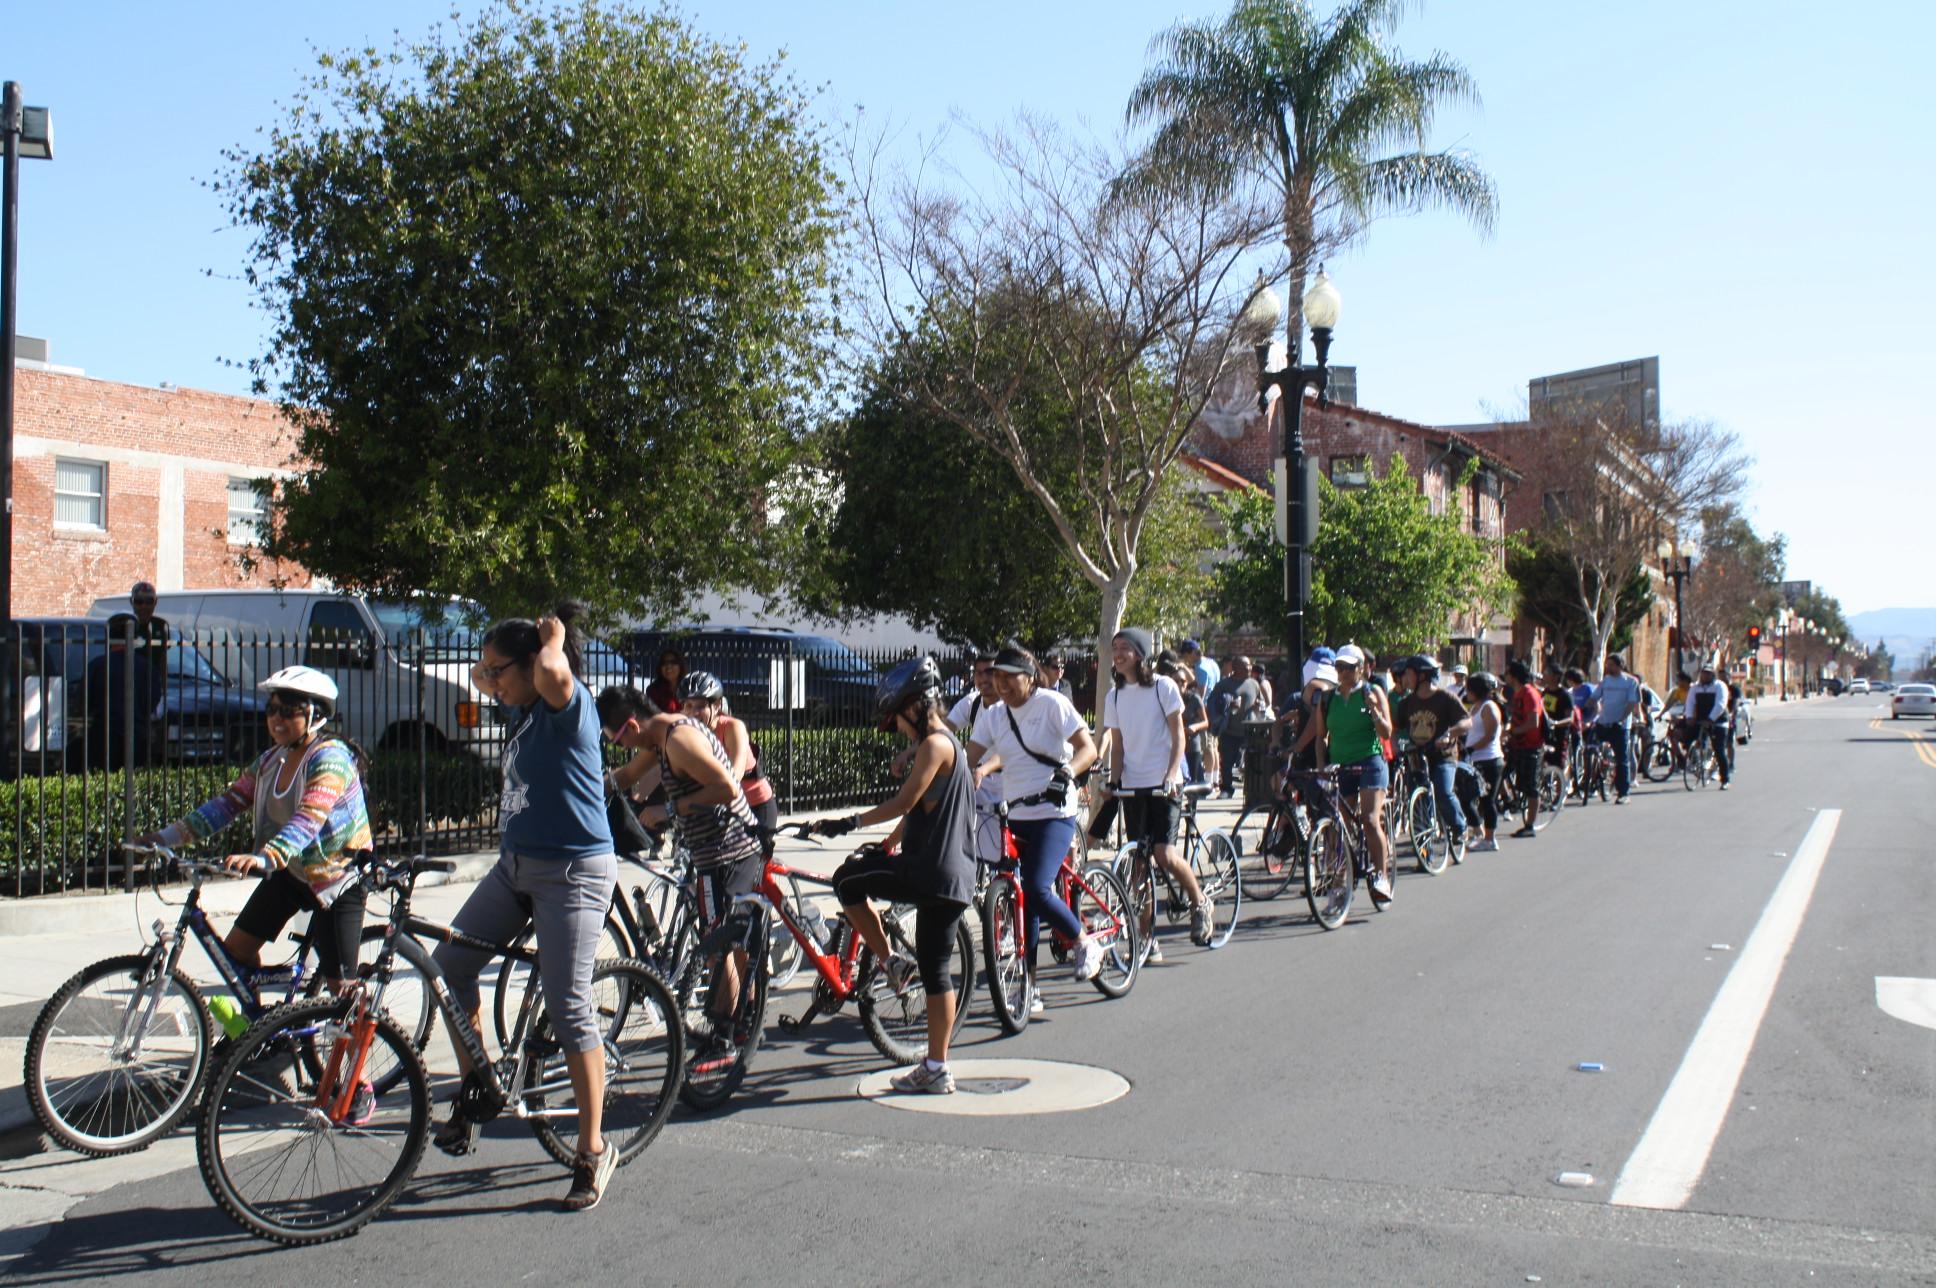 De dos en dos partieron más de 100 ciclistas desde Santa Ana a Los Ángeles en agradecimiento a la medida AB-131 aprobada el año pasado por el gobernador de California. (Foto Agustín Durán/ El Pasajero)